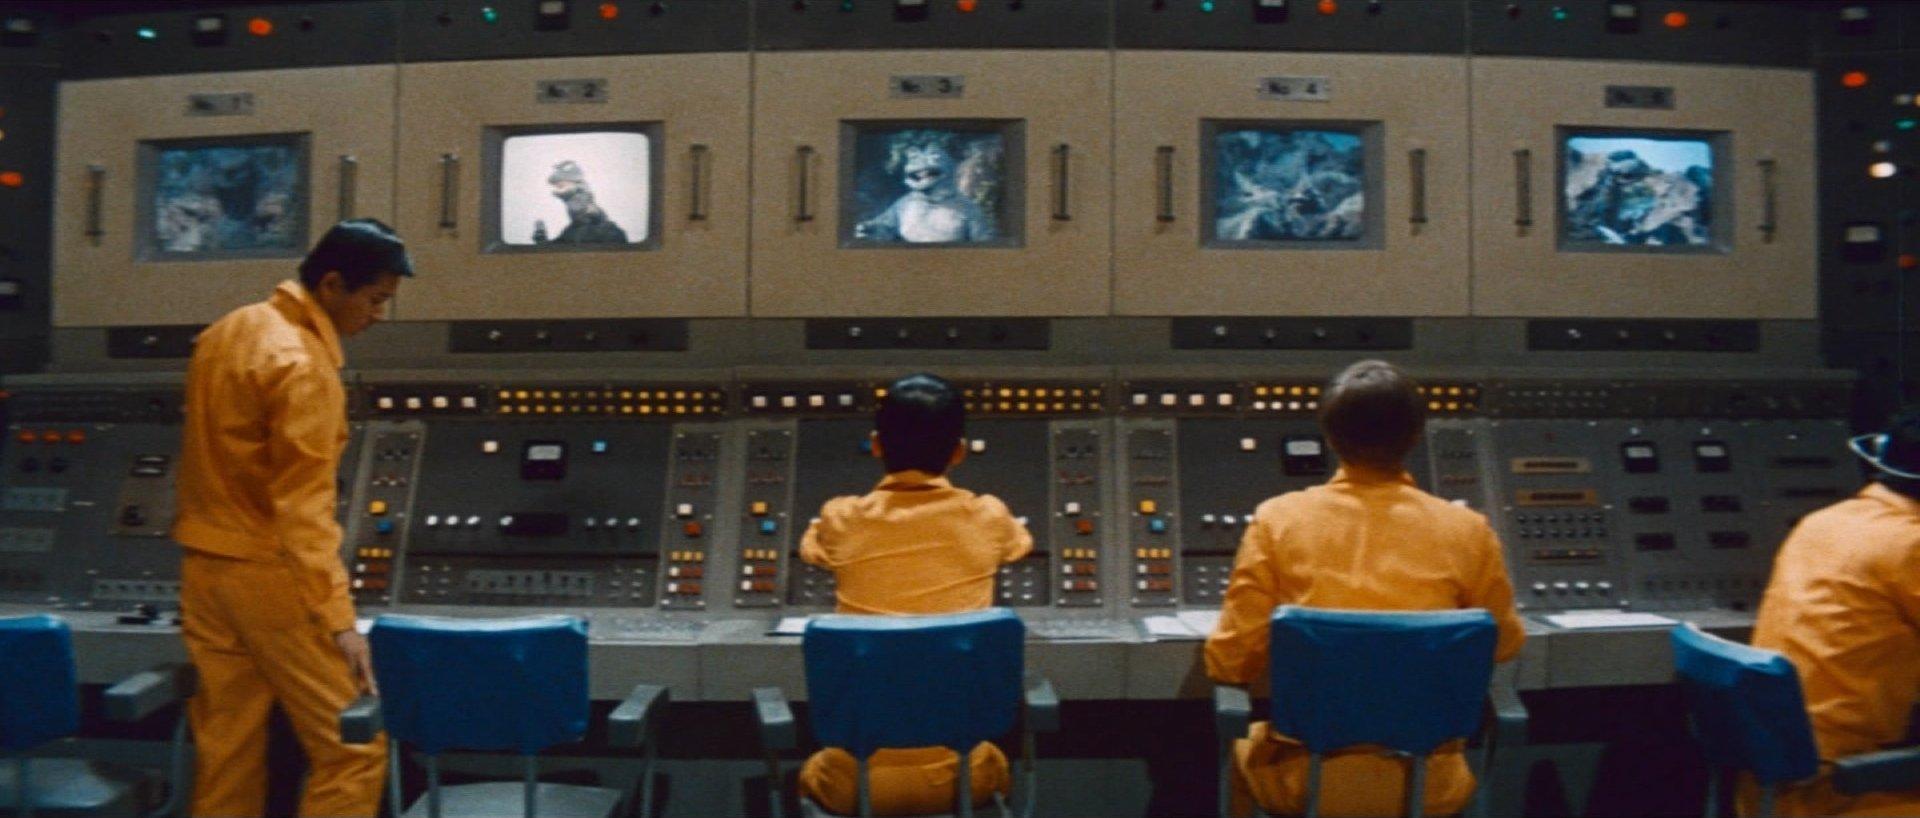 『ゴジラ電撃大作戦』人間に管理される怪獣たち